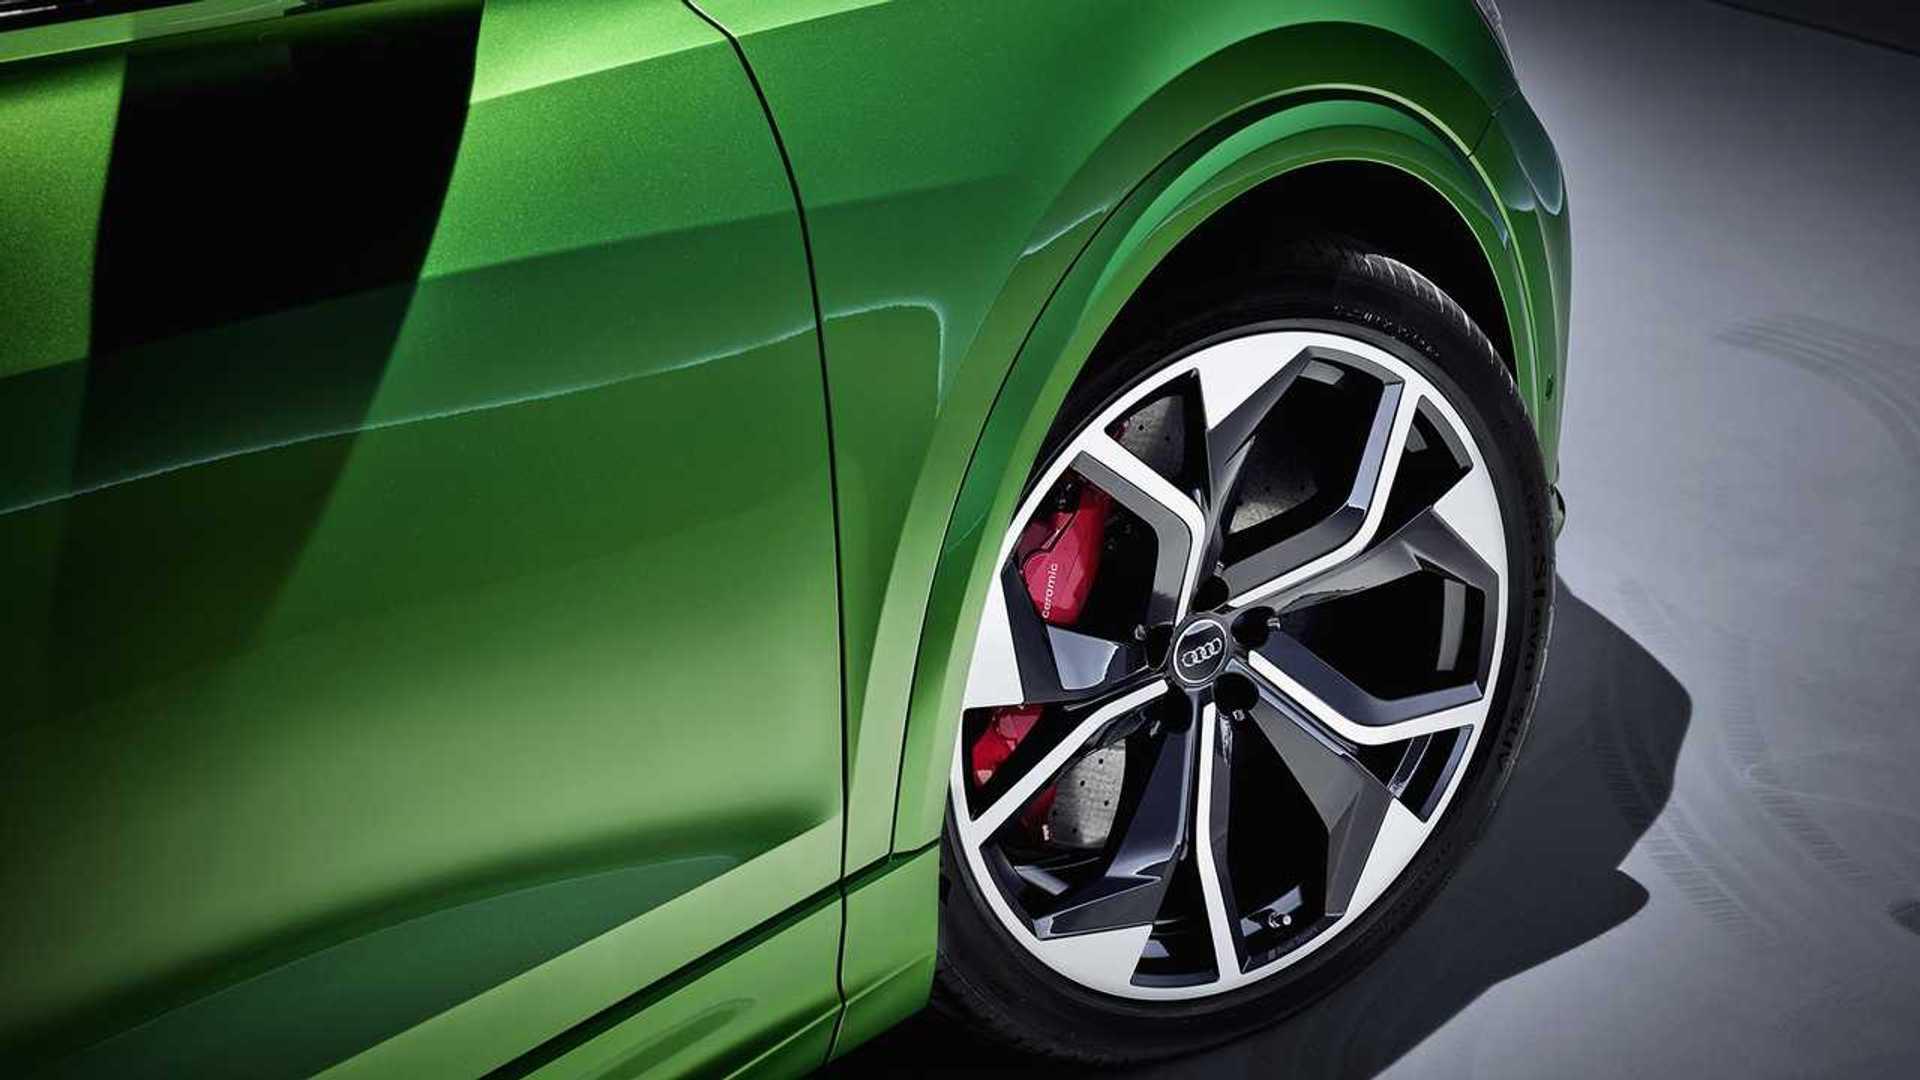 Audi Says Wheels Larger Than 23 Inches 'Make No Sense'